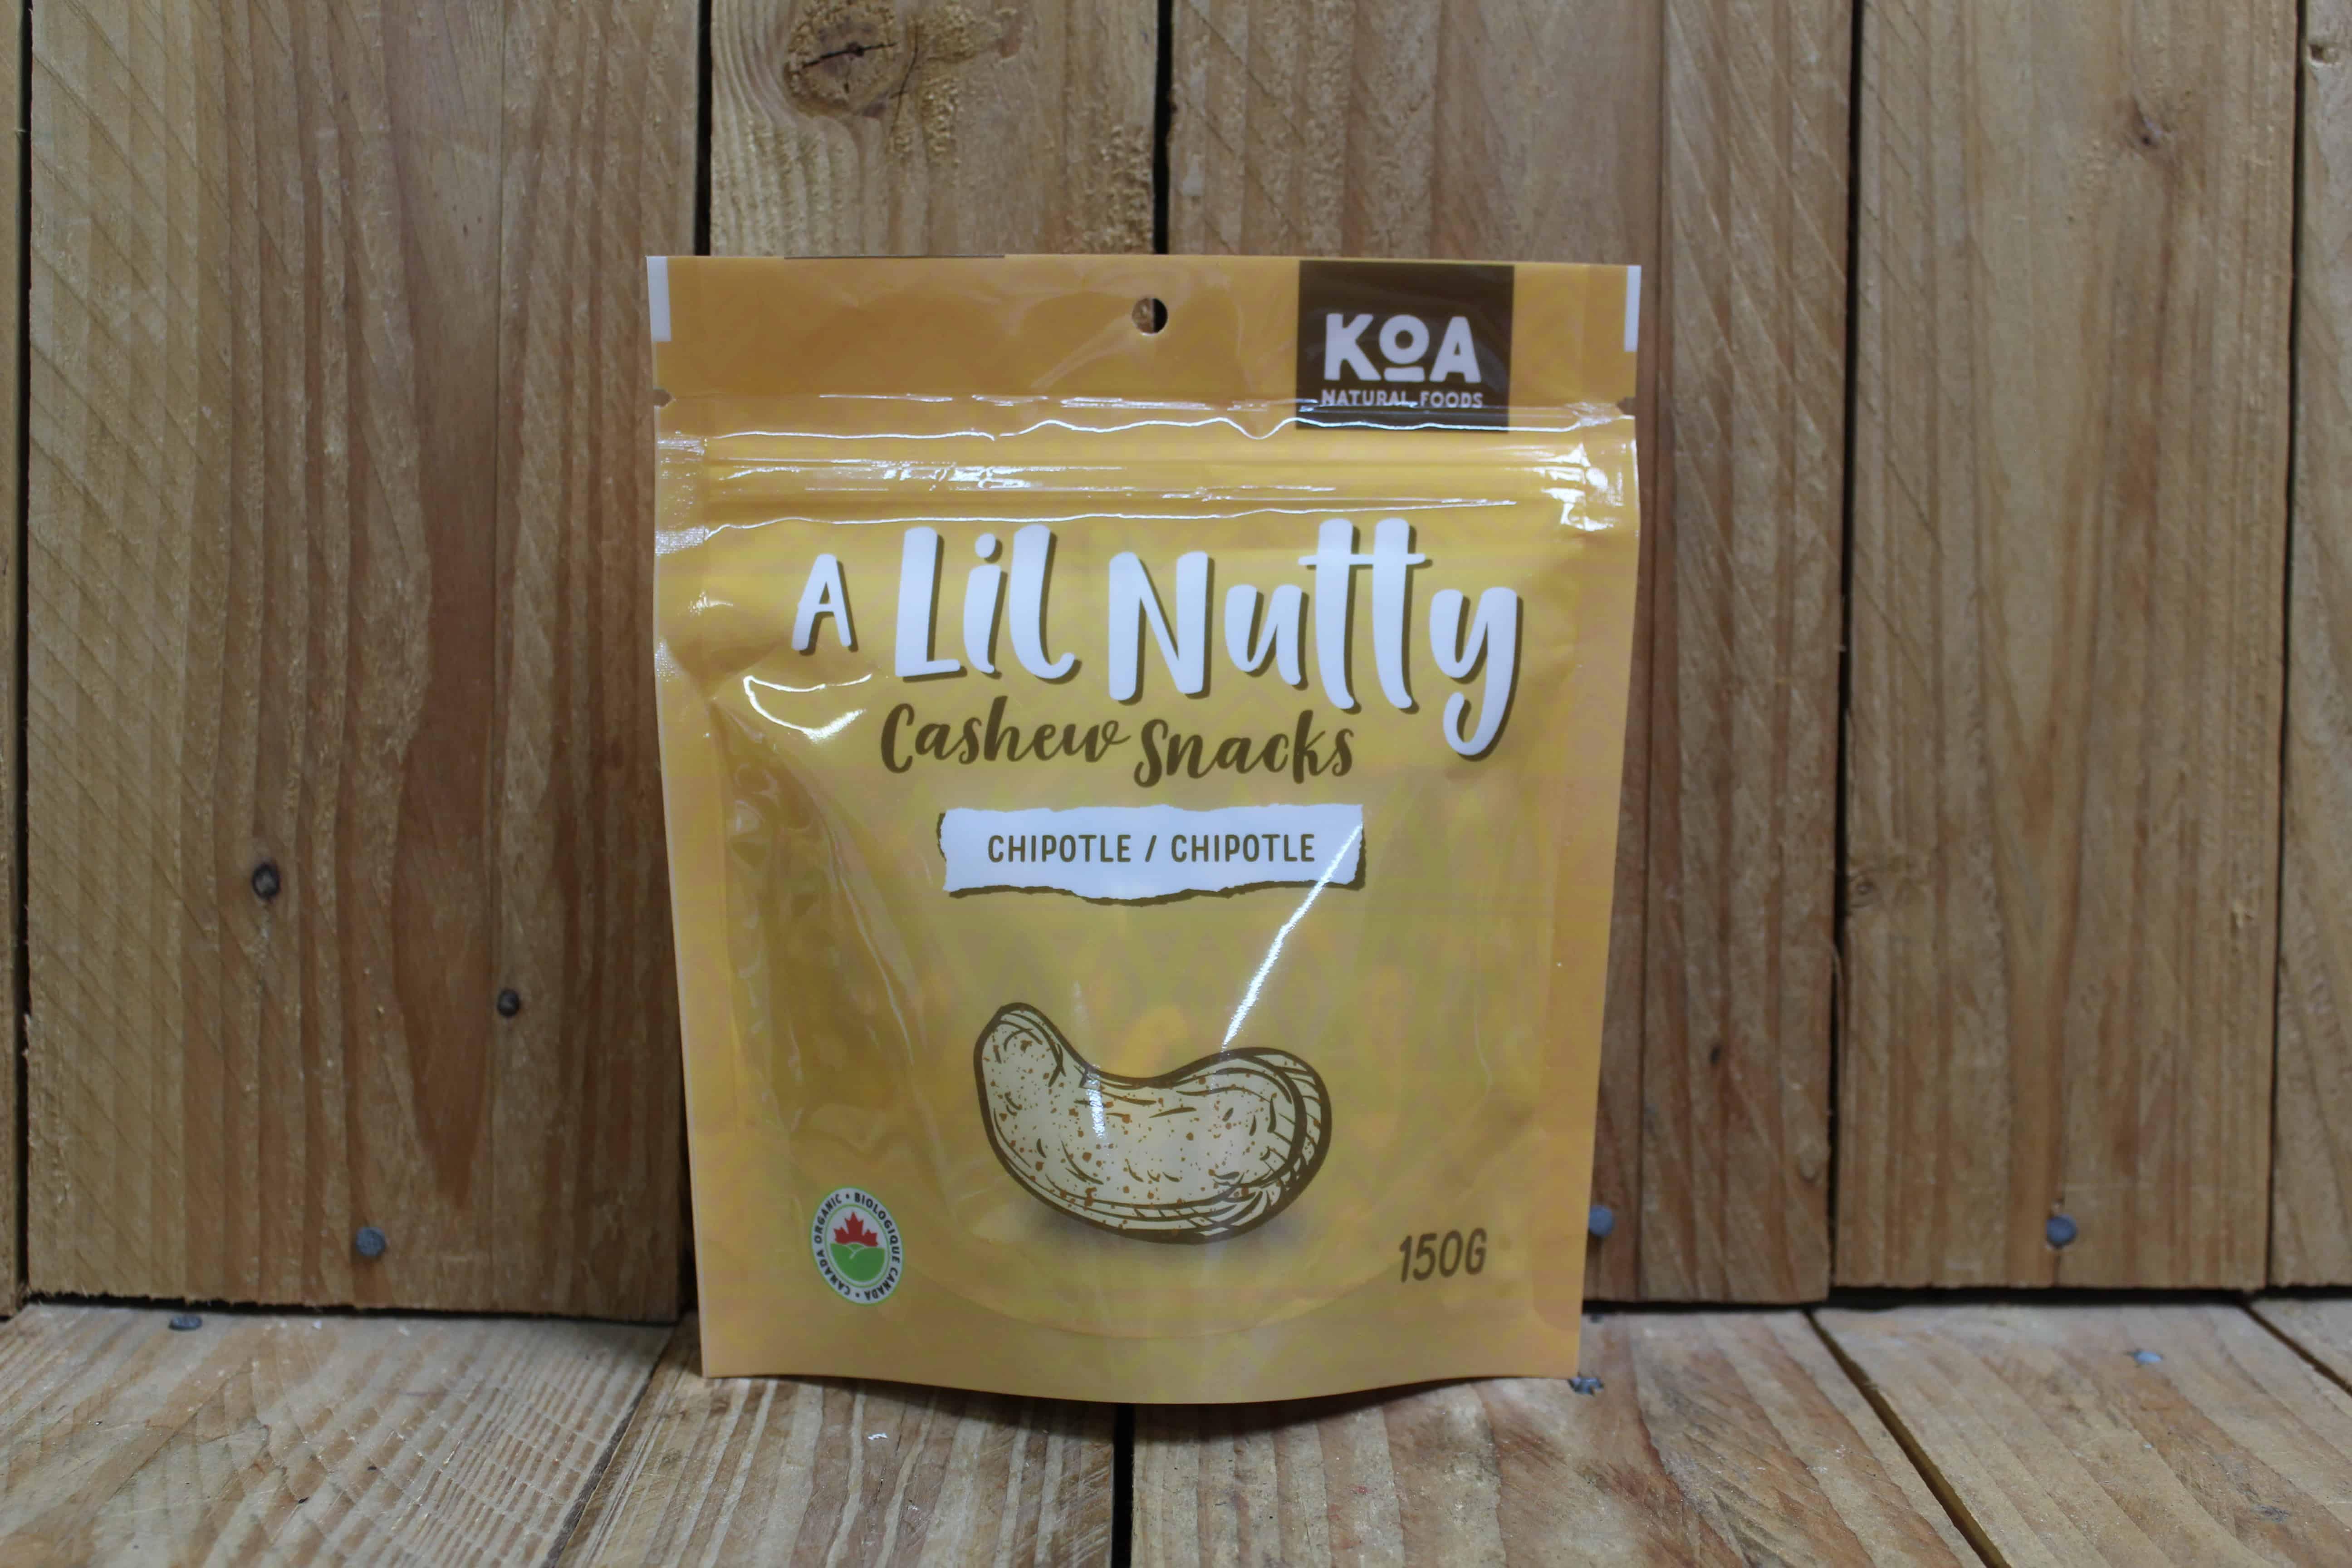 KOA – Cashew Snacks – Chipotle (150g)